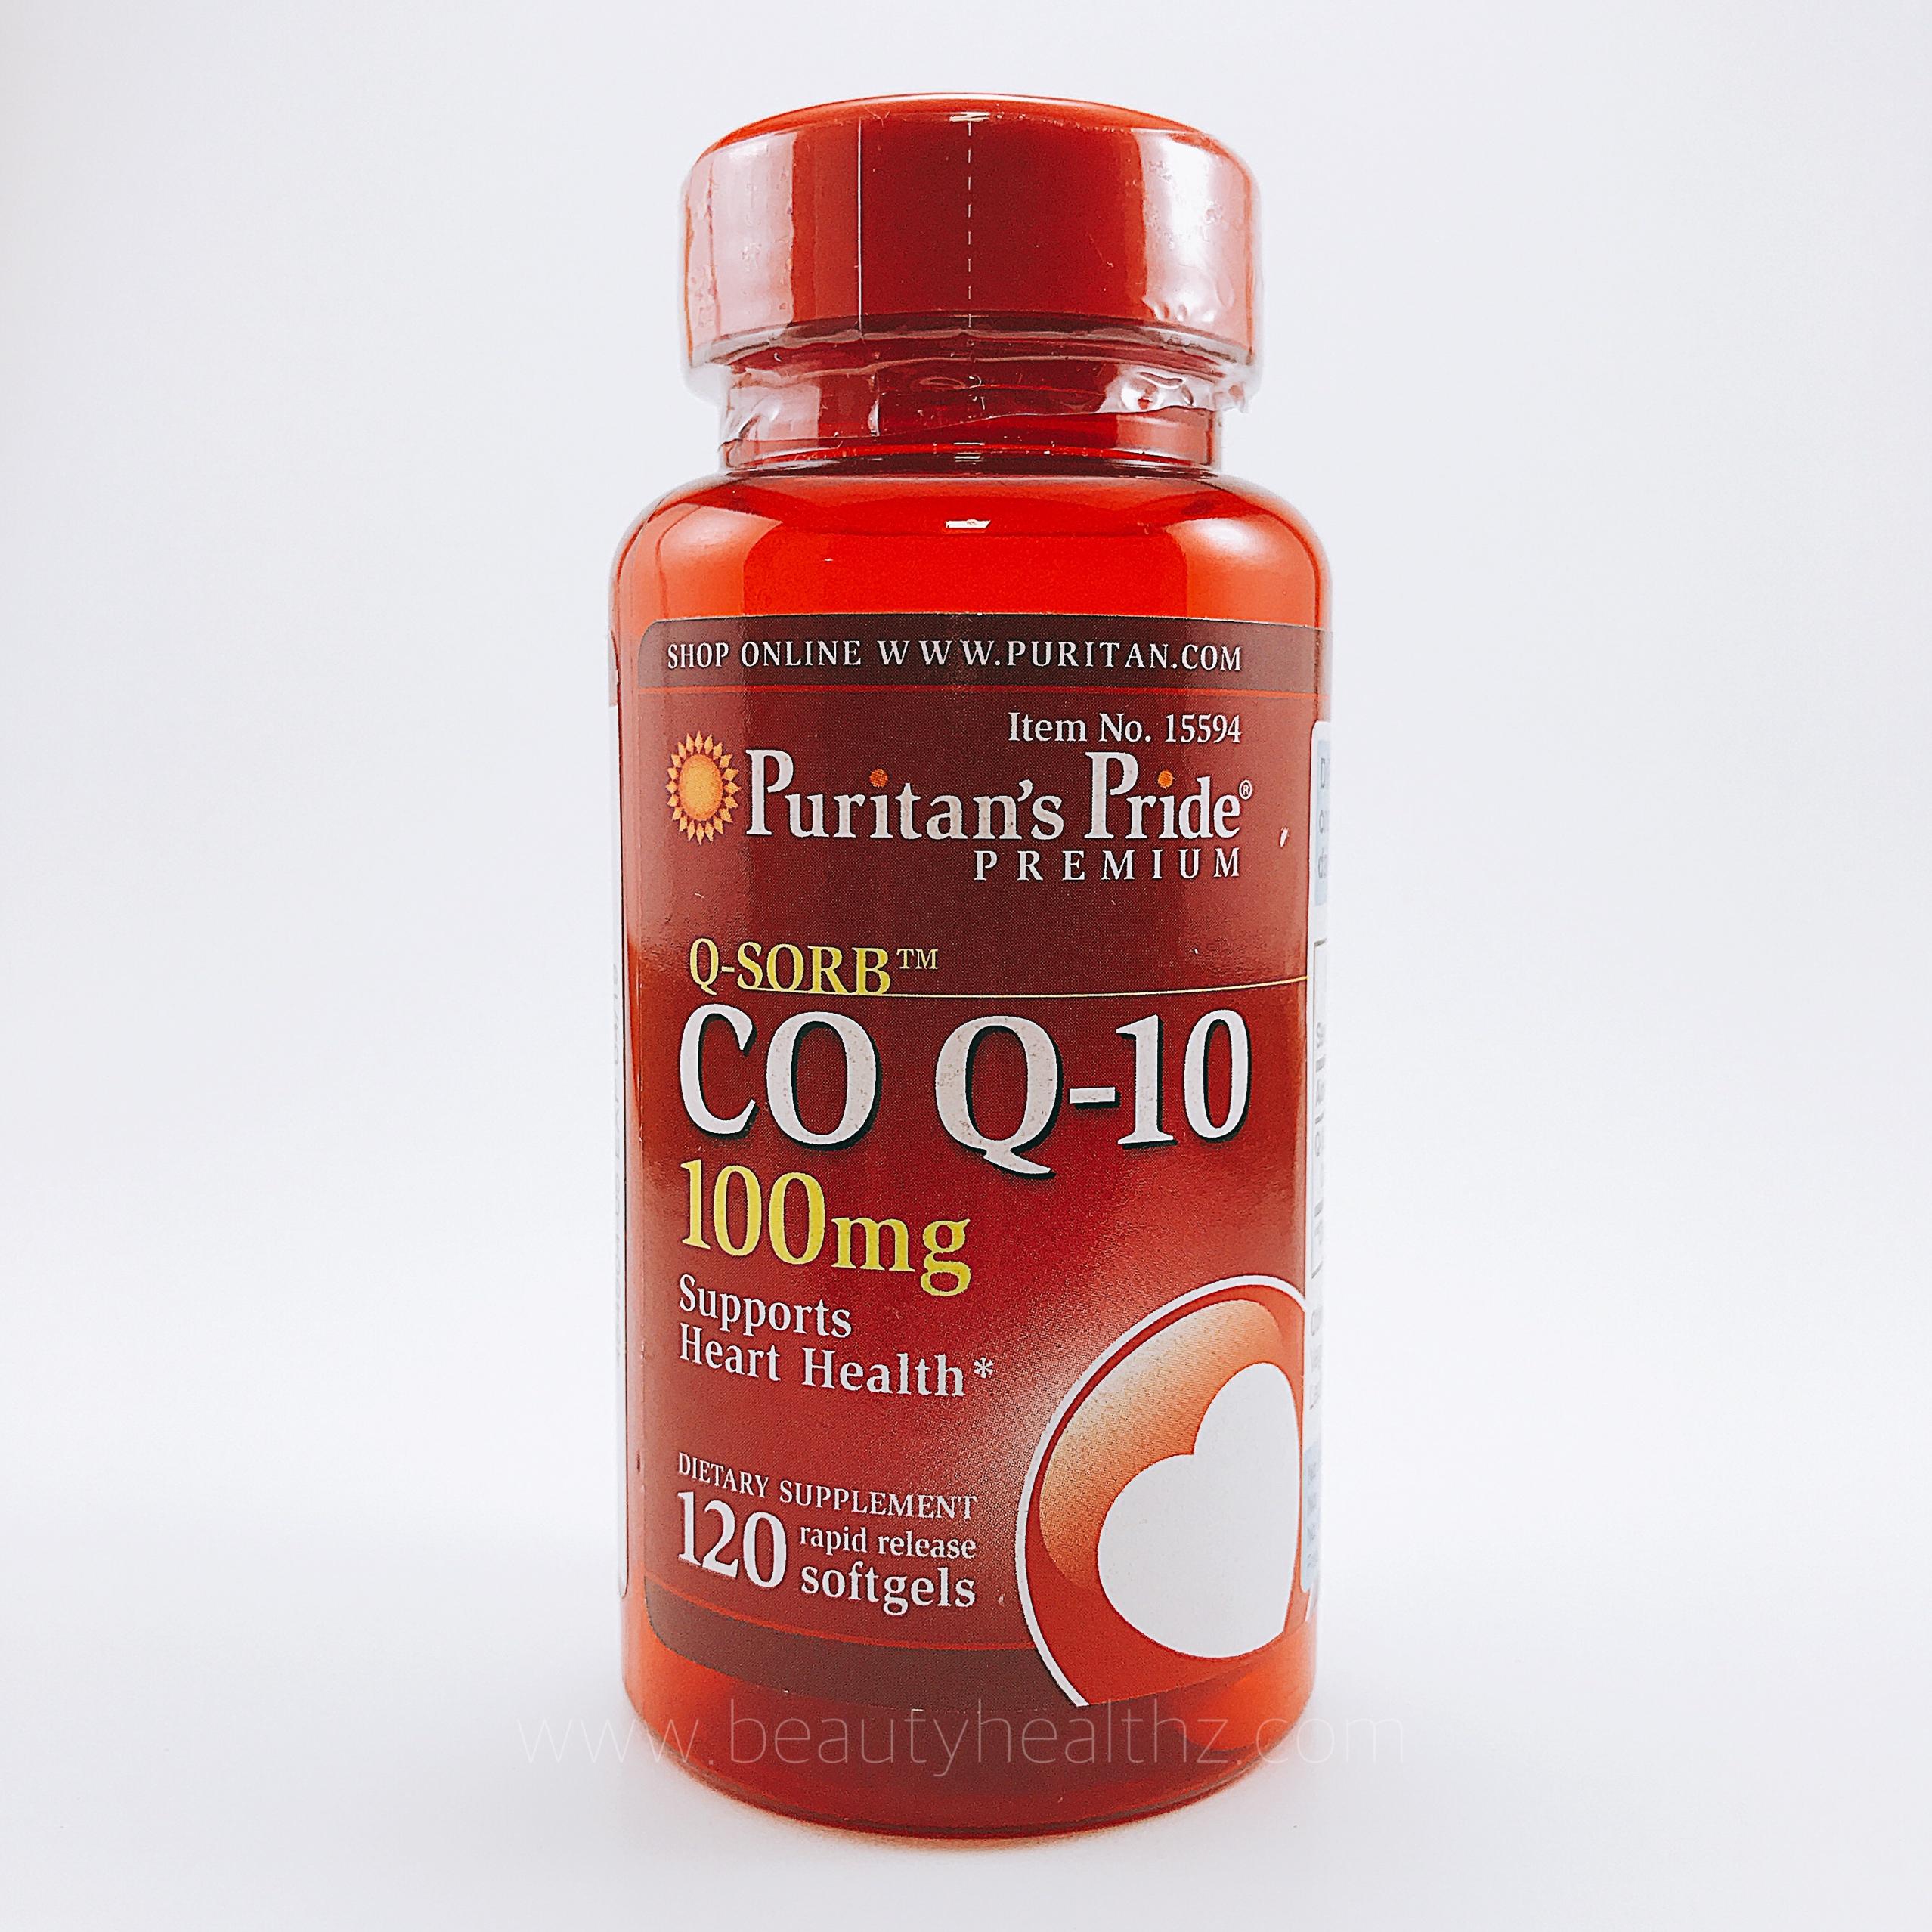 Puritan's Pride, Q-SORB™ Co Q-10 100 mg, 120 Rapid Release Softgels